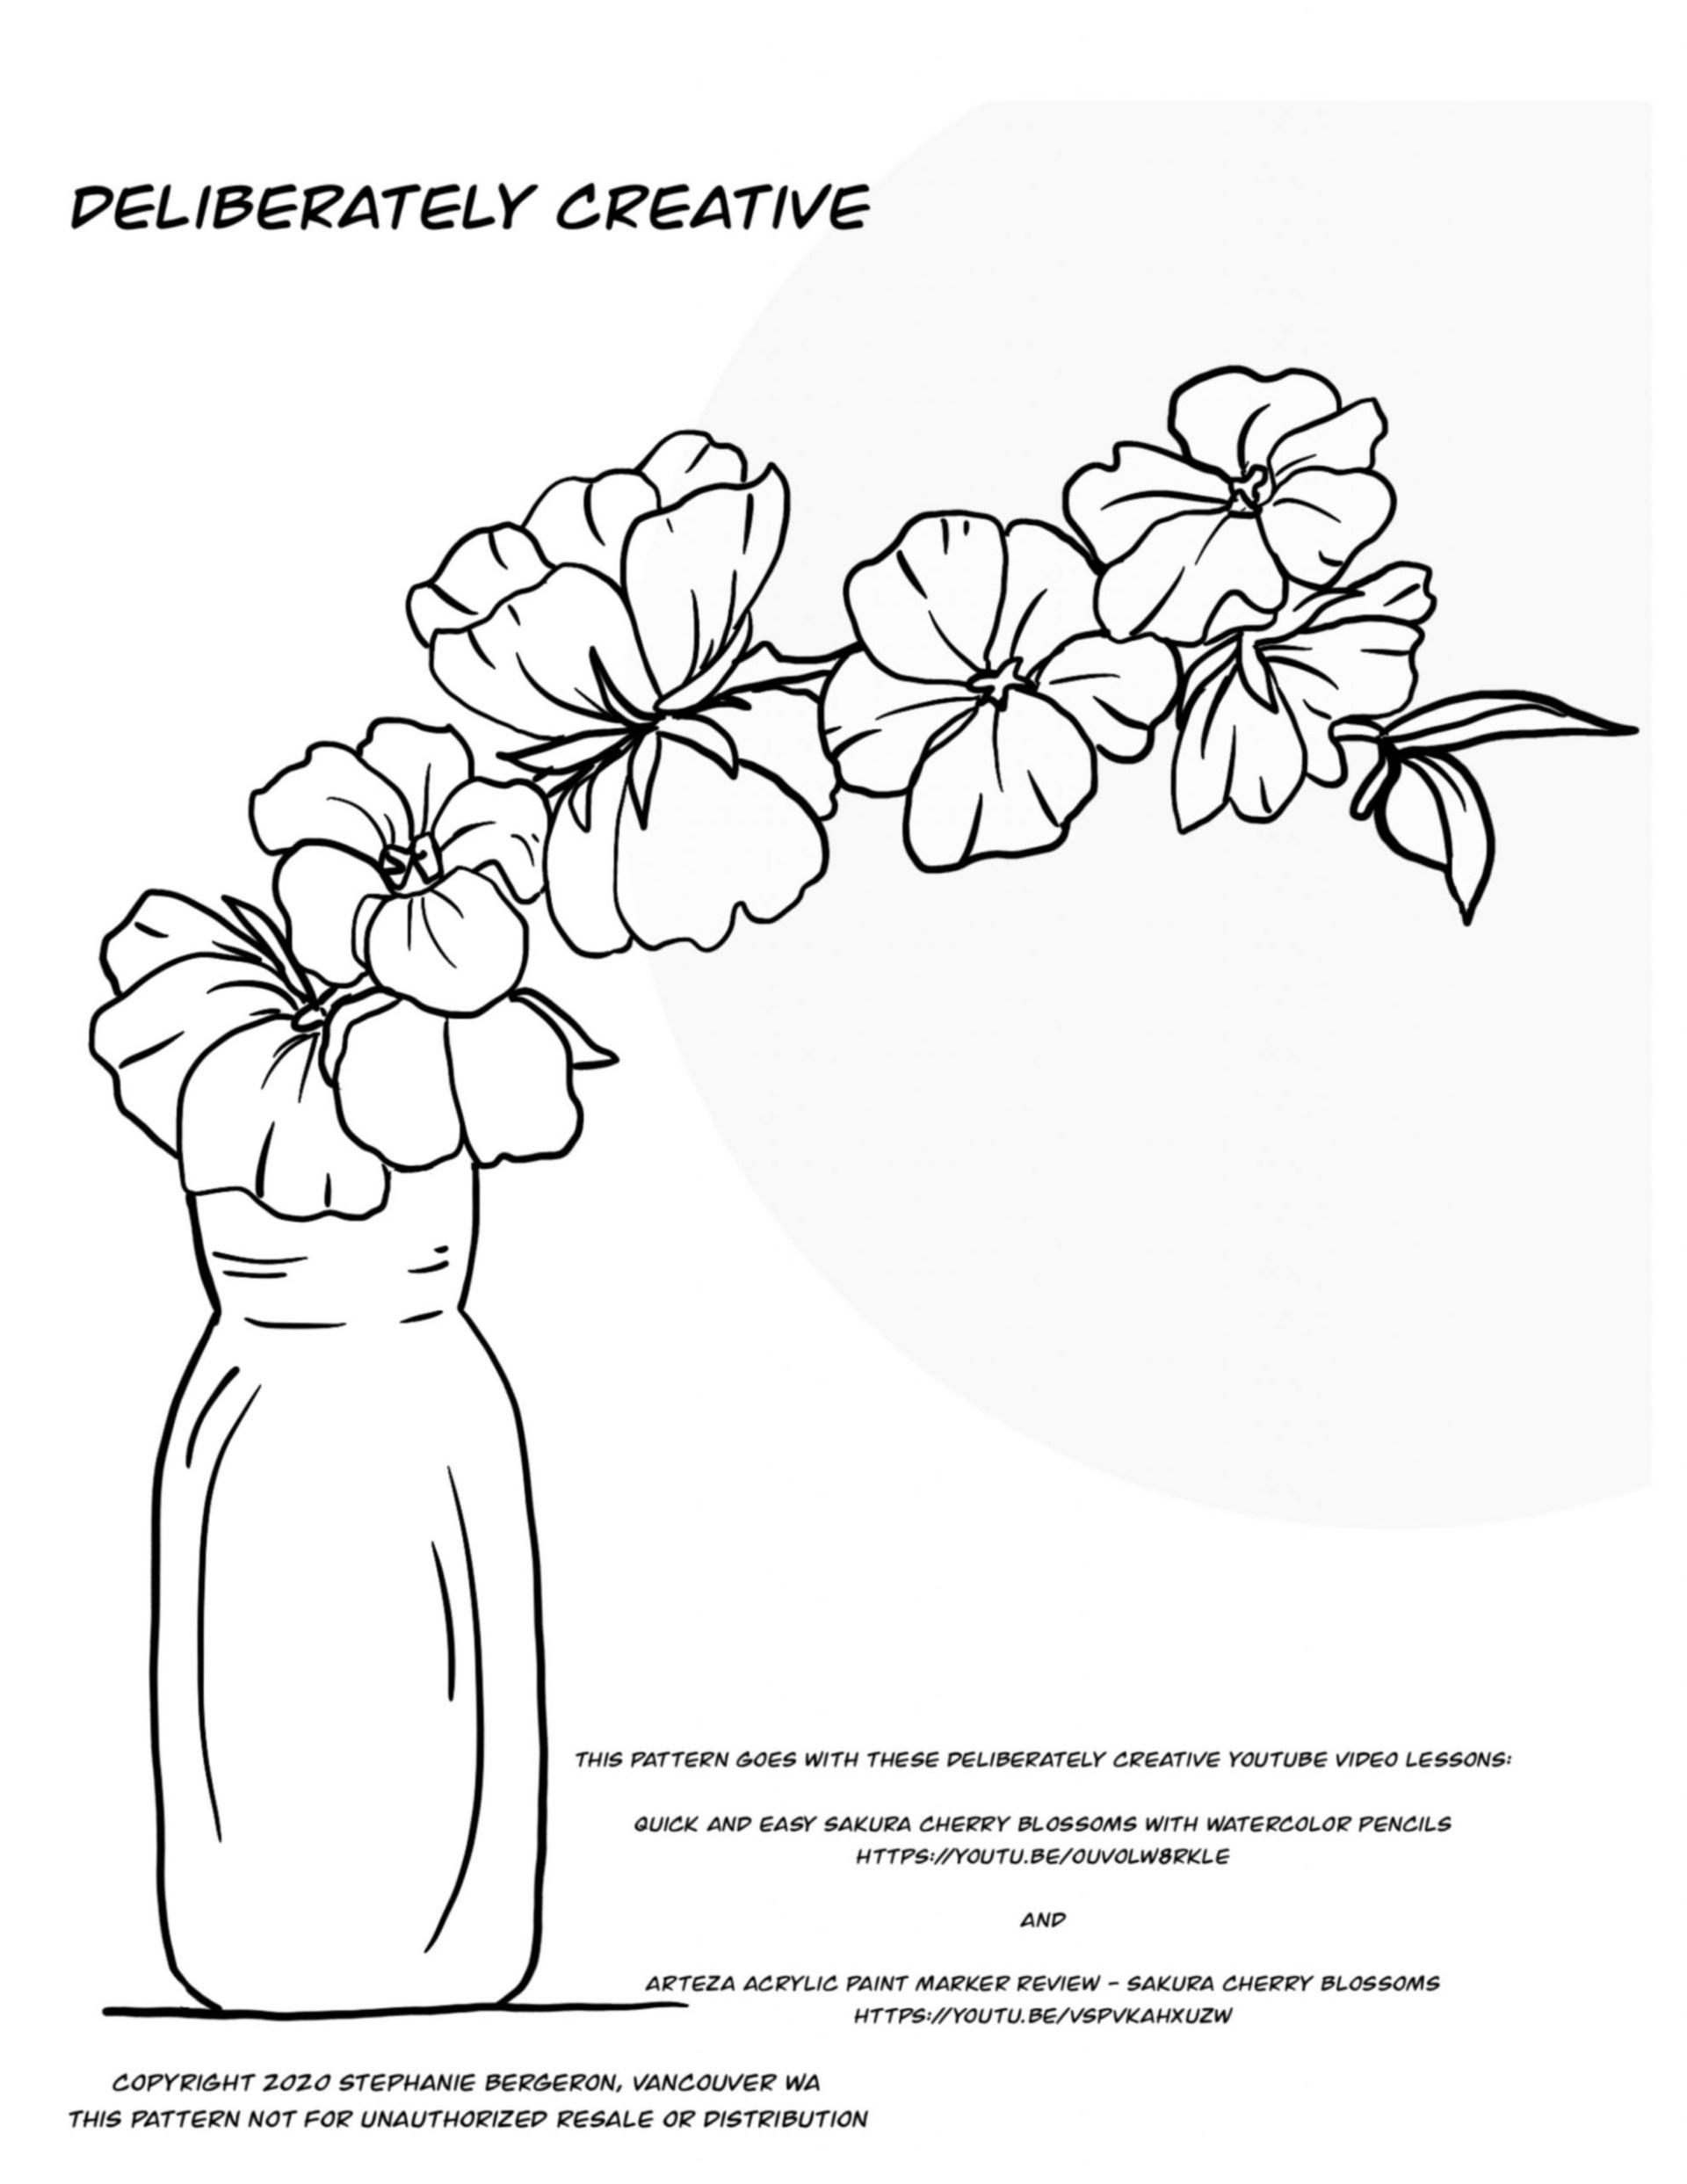 Black line art cherry blossom bran in vase